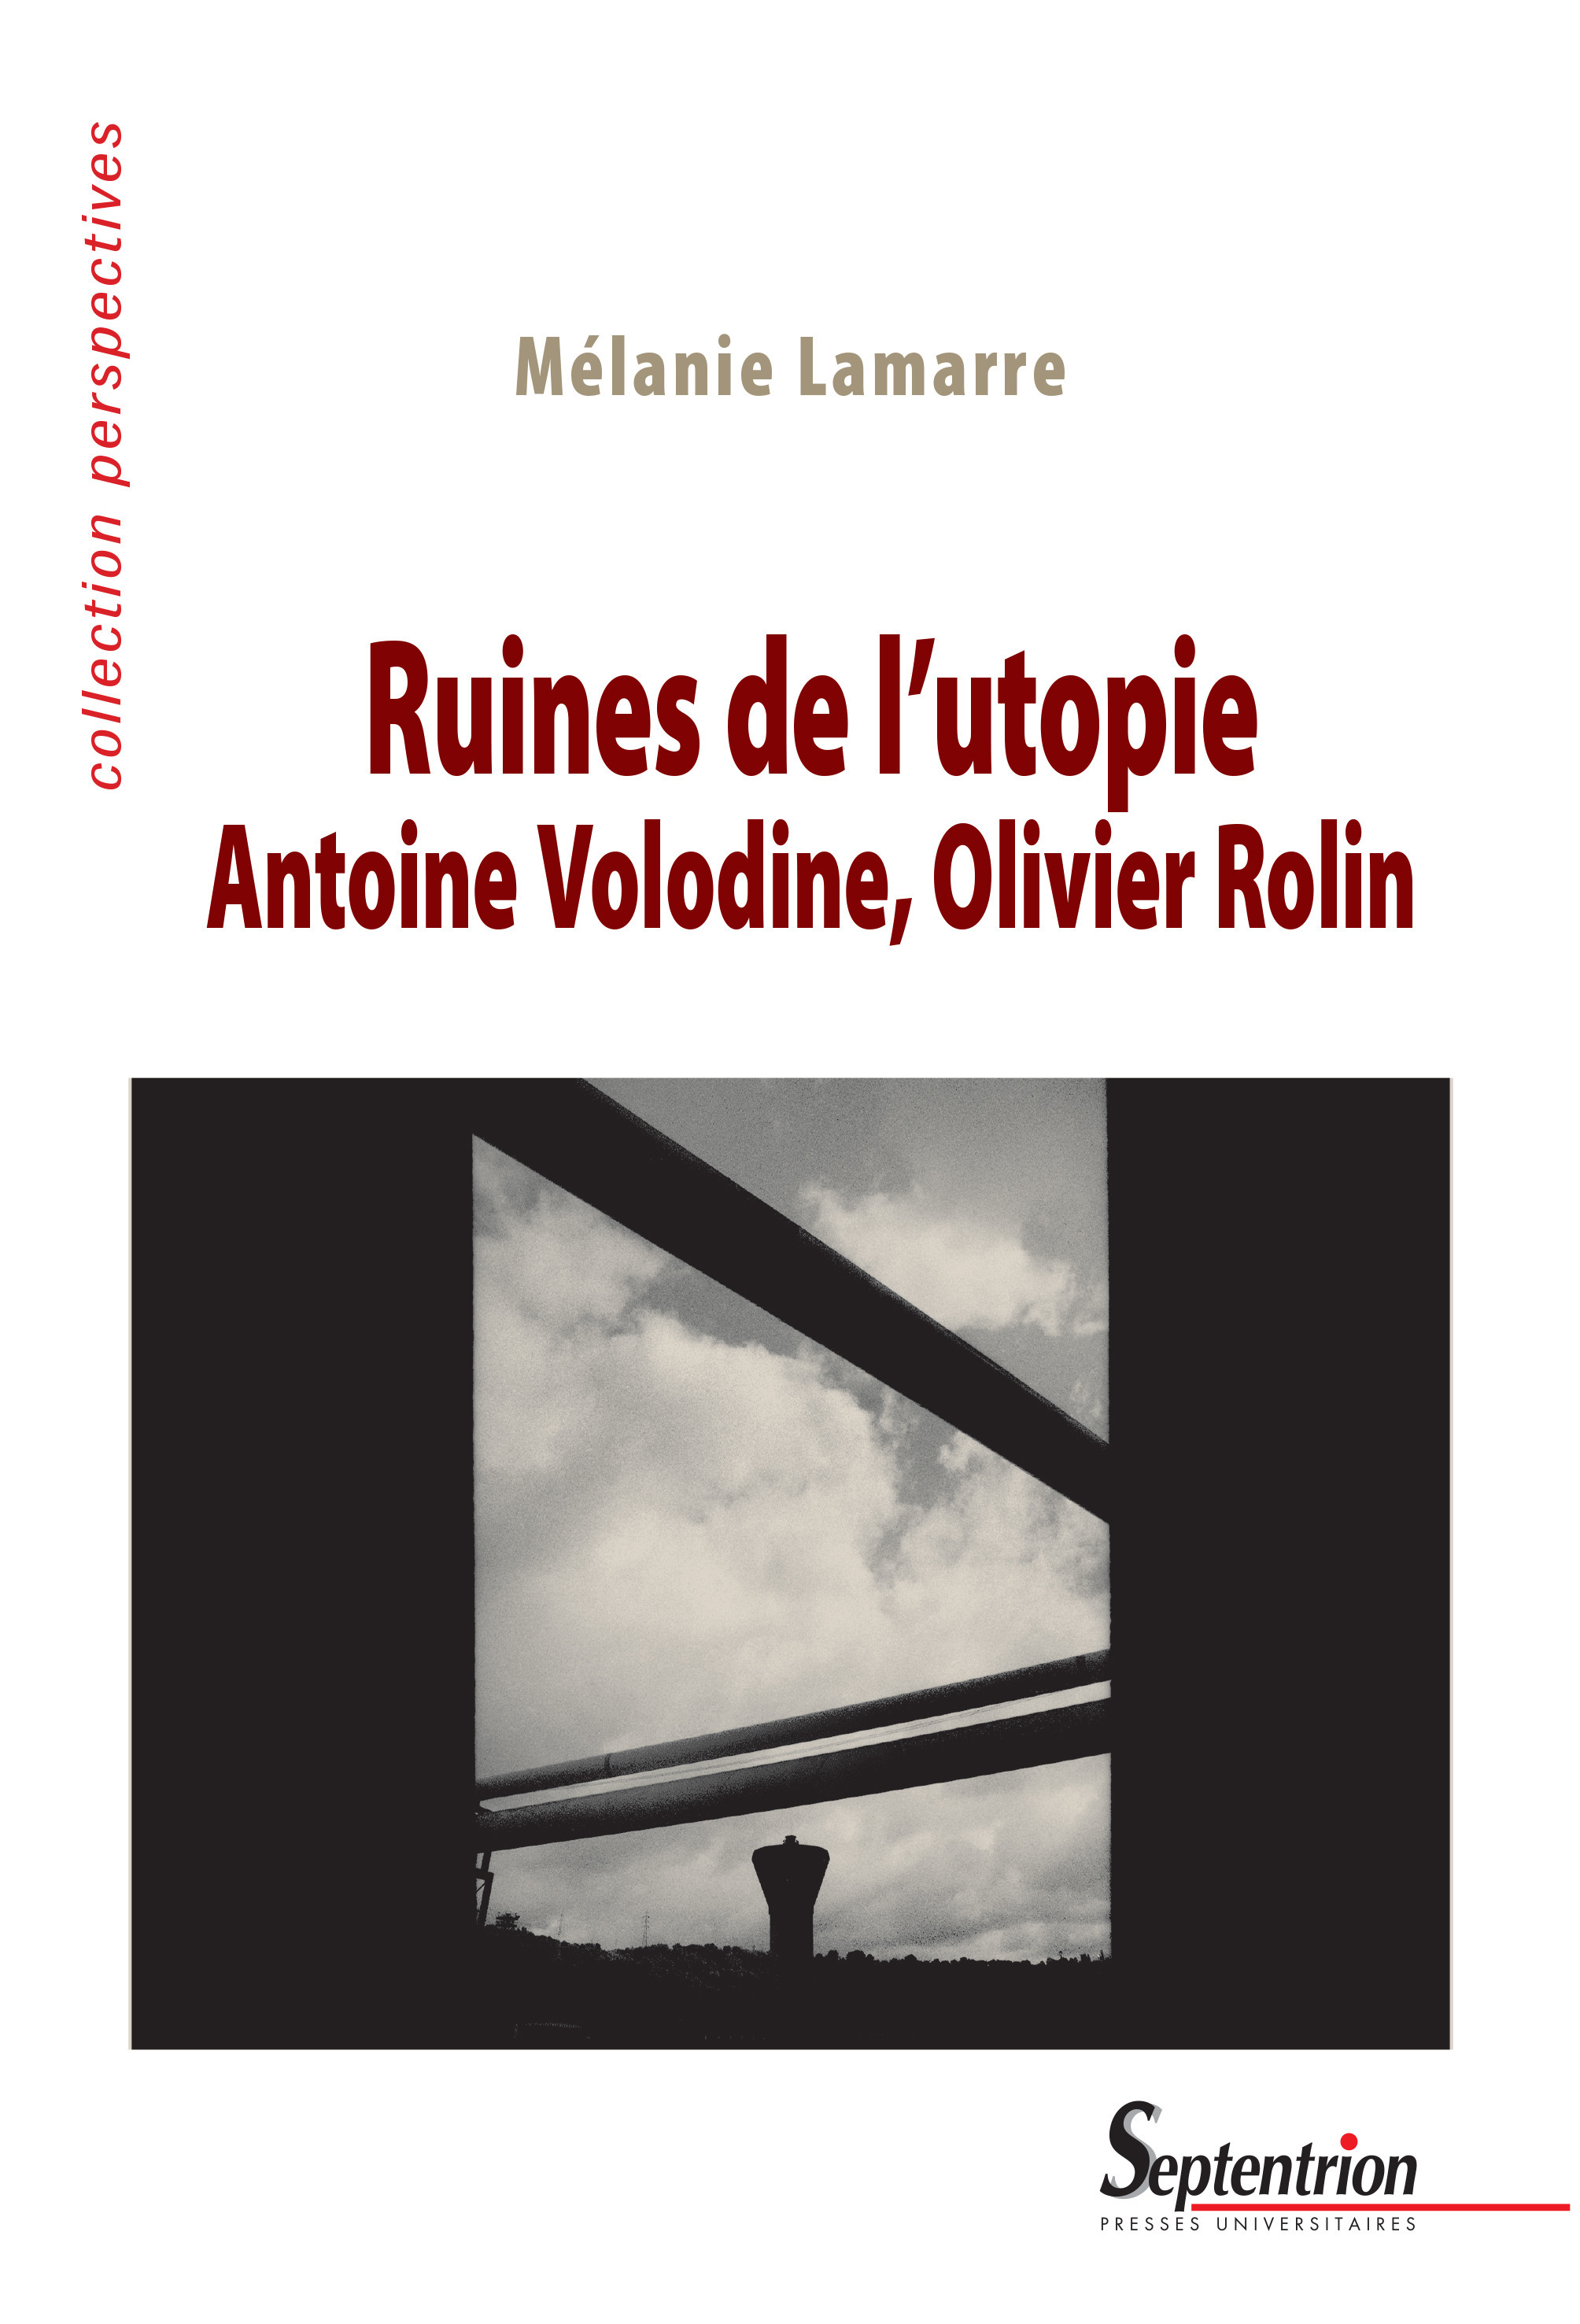 Ruines de l'utopie antoine volodine, olivier rolin